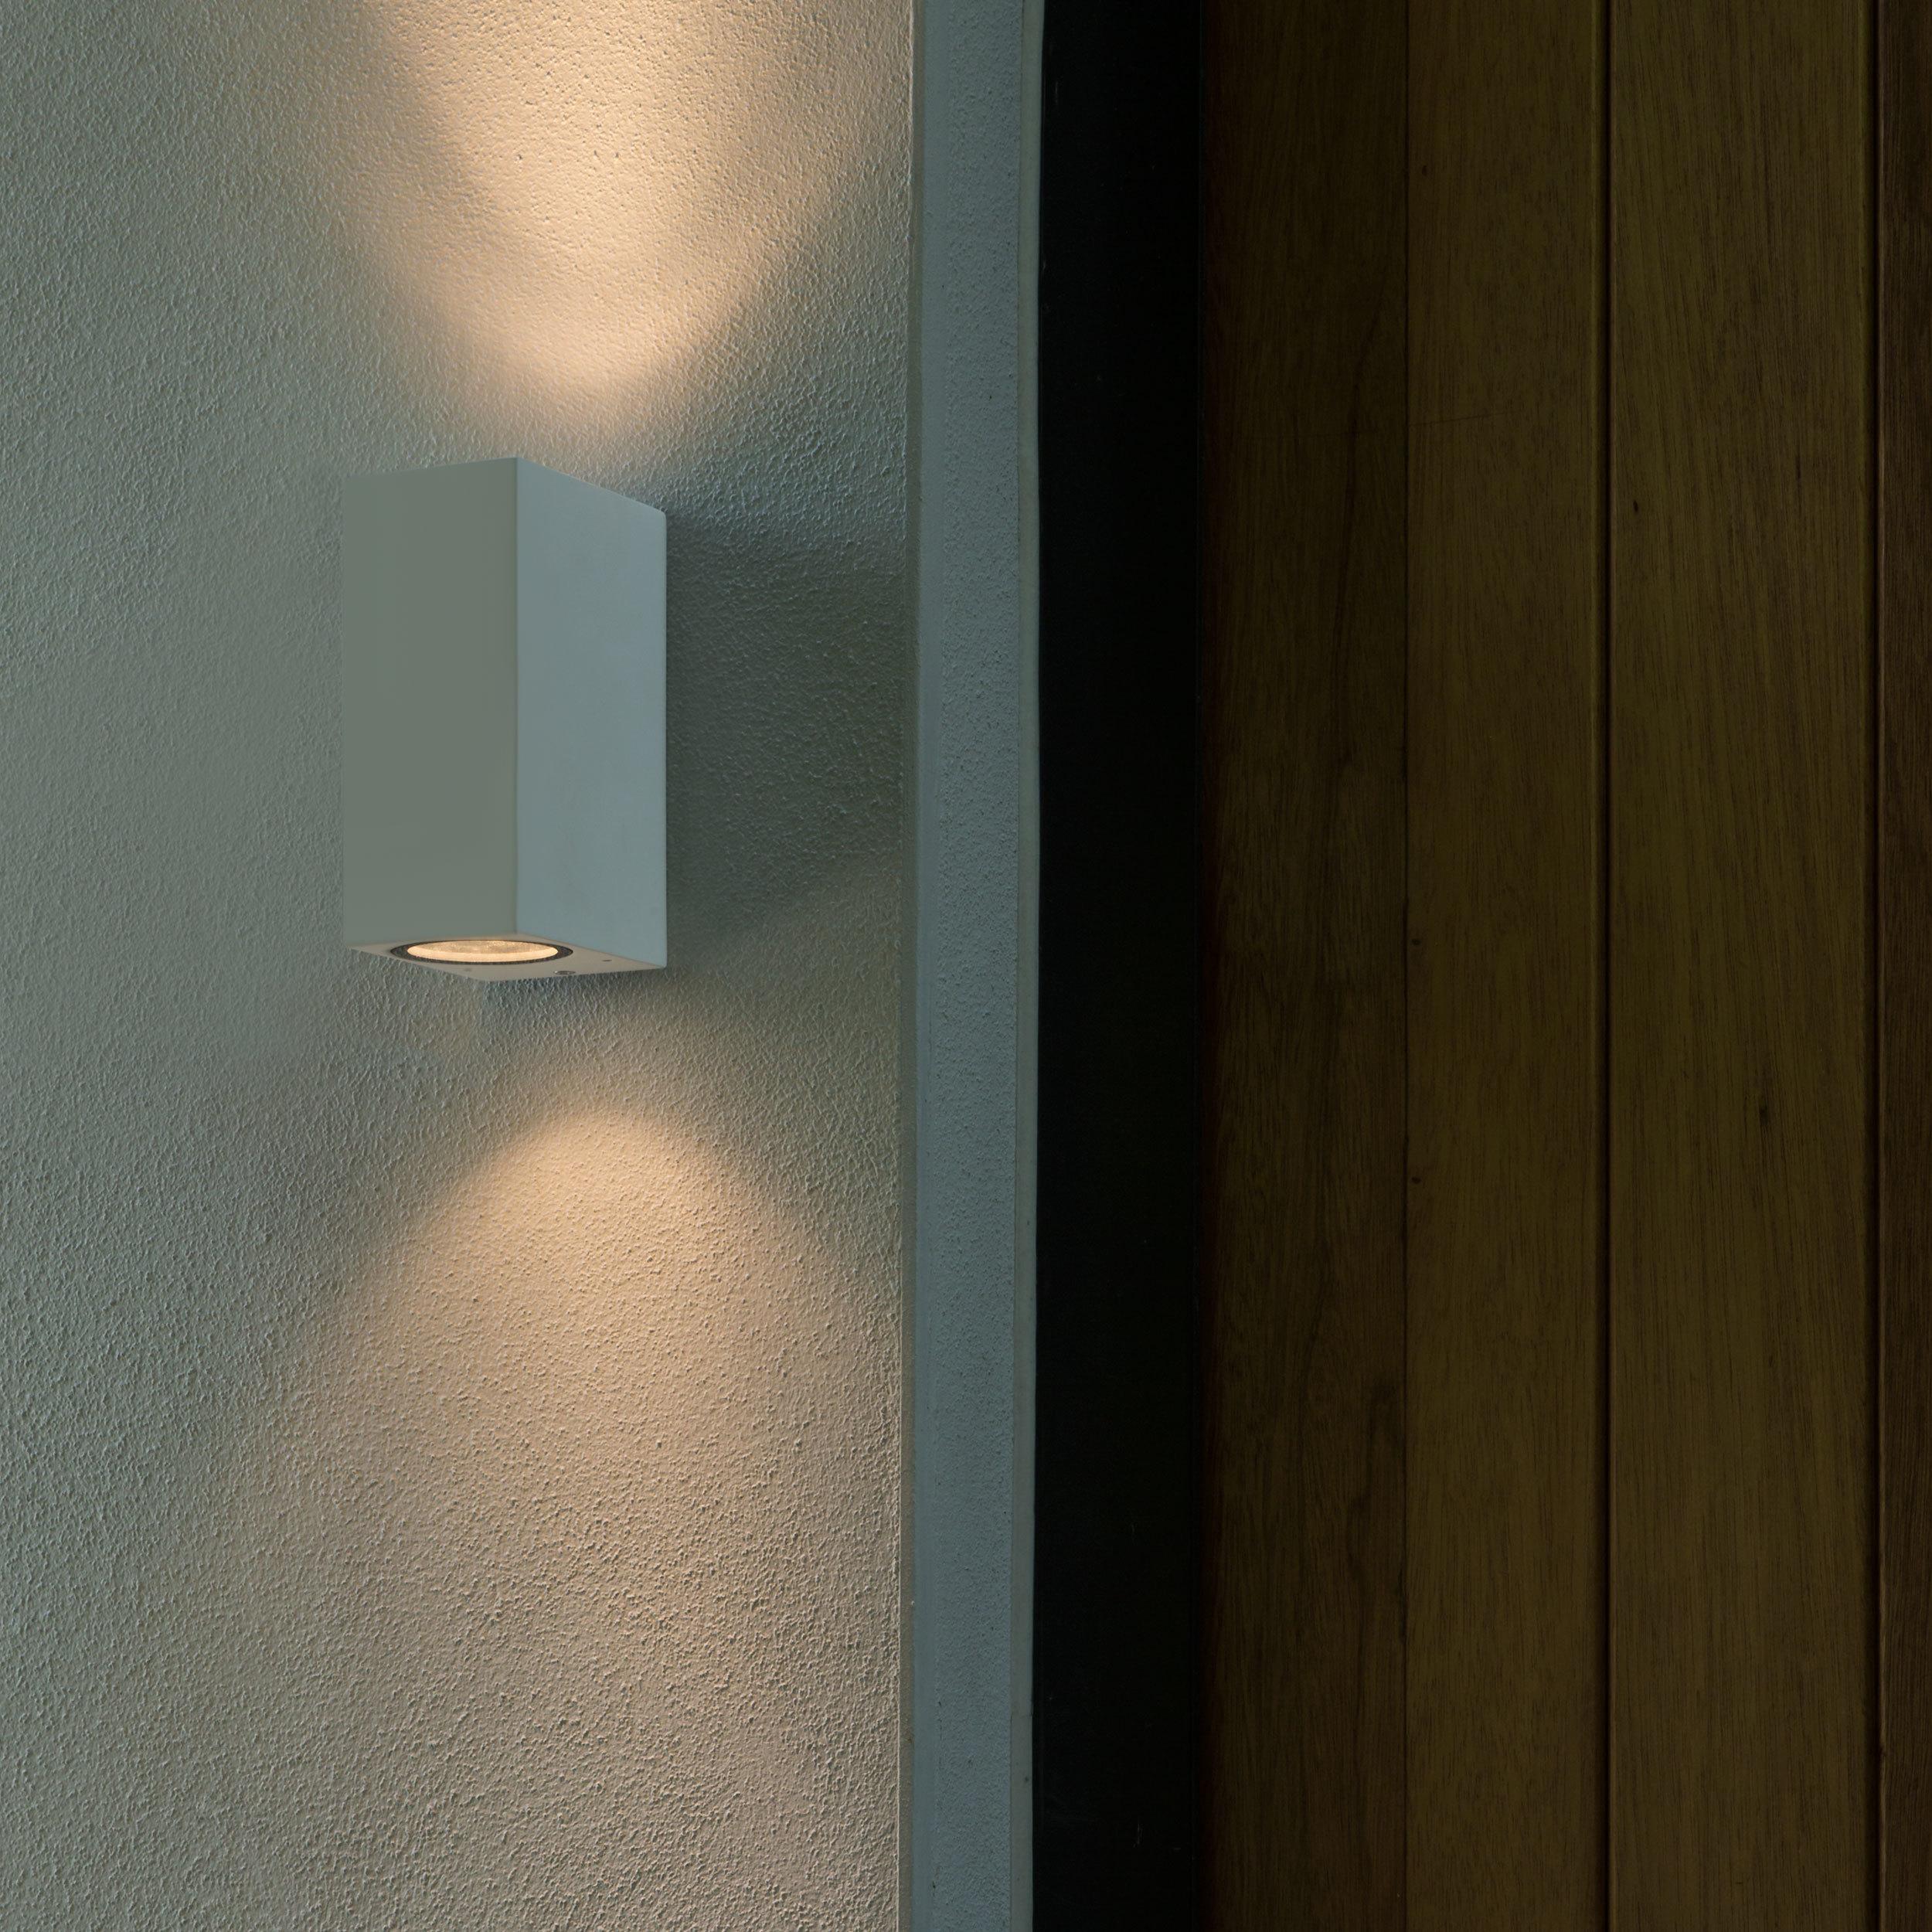 Настенный светильник Astro Chios 1310006 (7565), IP44, 2xGU10x6W, белый, металл, стекло - фото 2